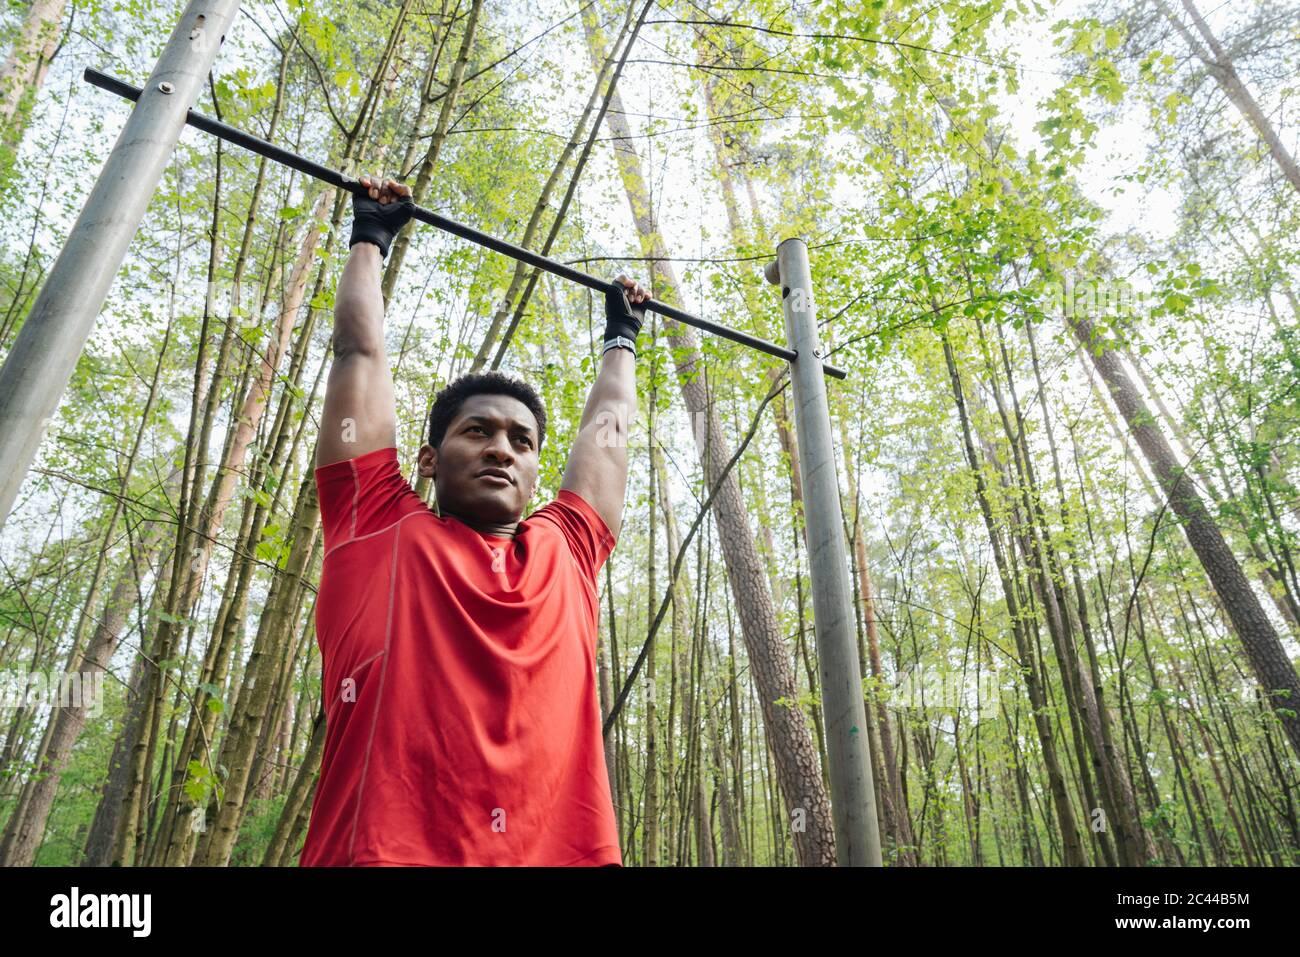 Sportler trainieren an der High Bar im Wald Stockfoto